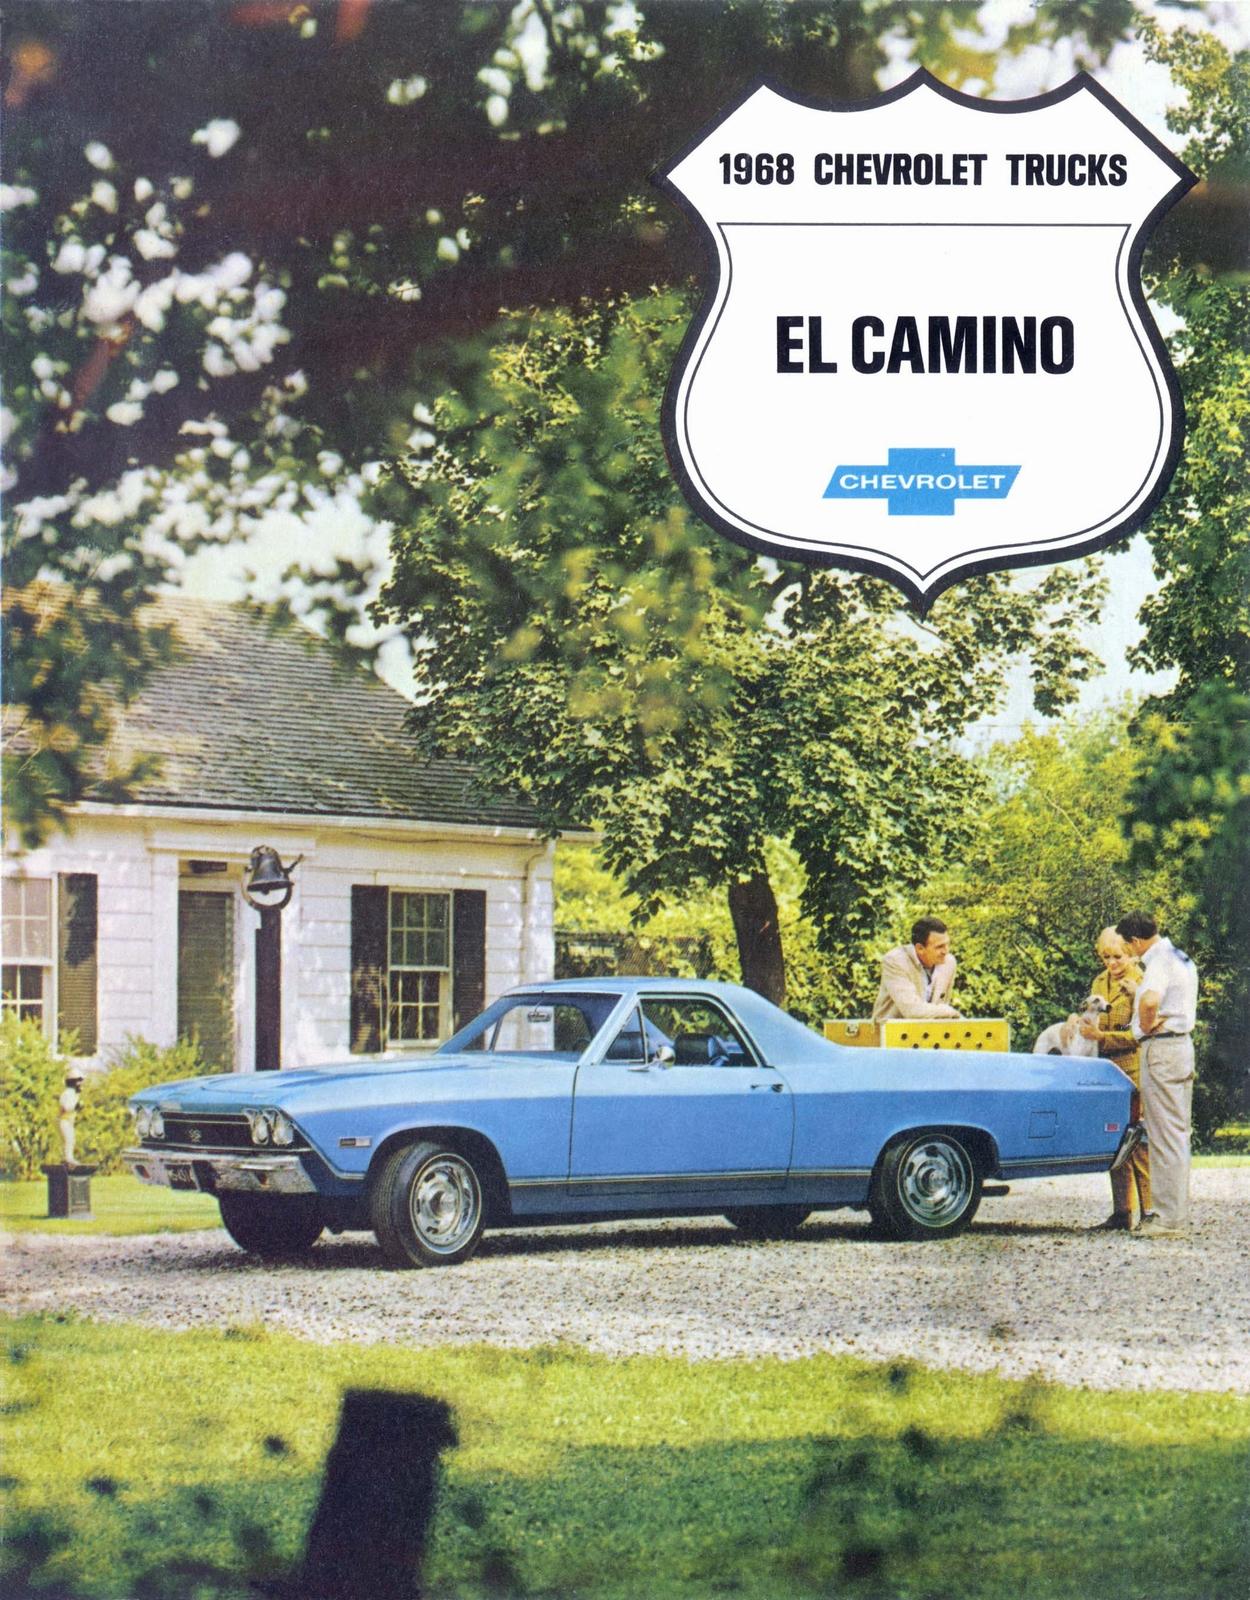 1968 El Camino Brochure Cover